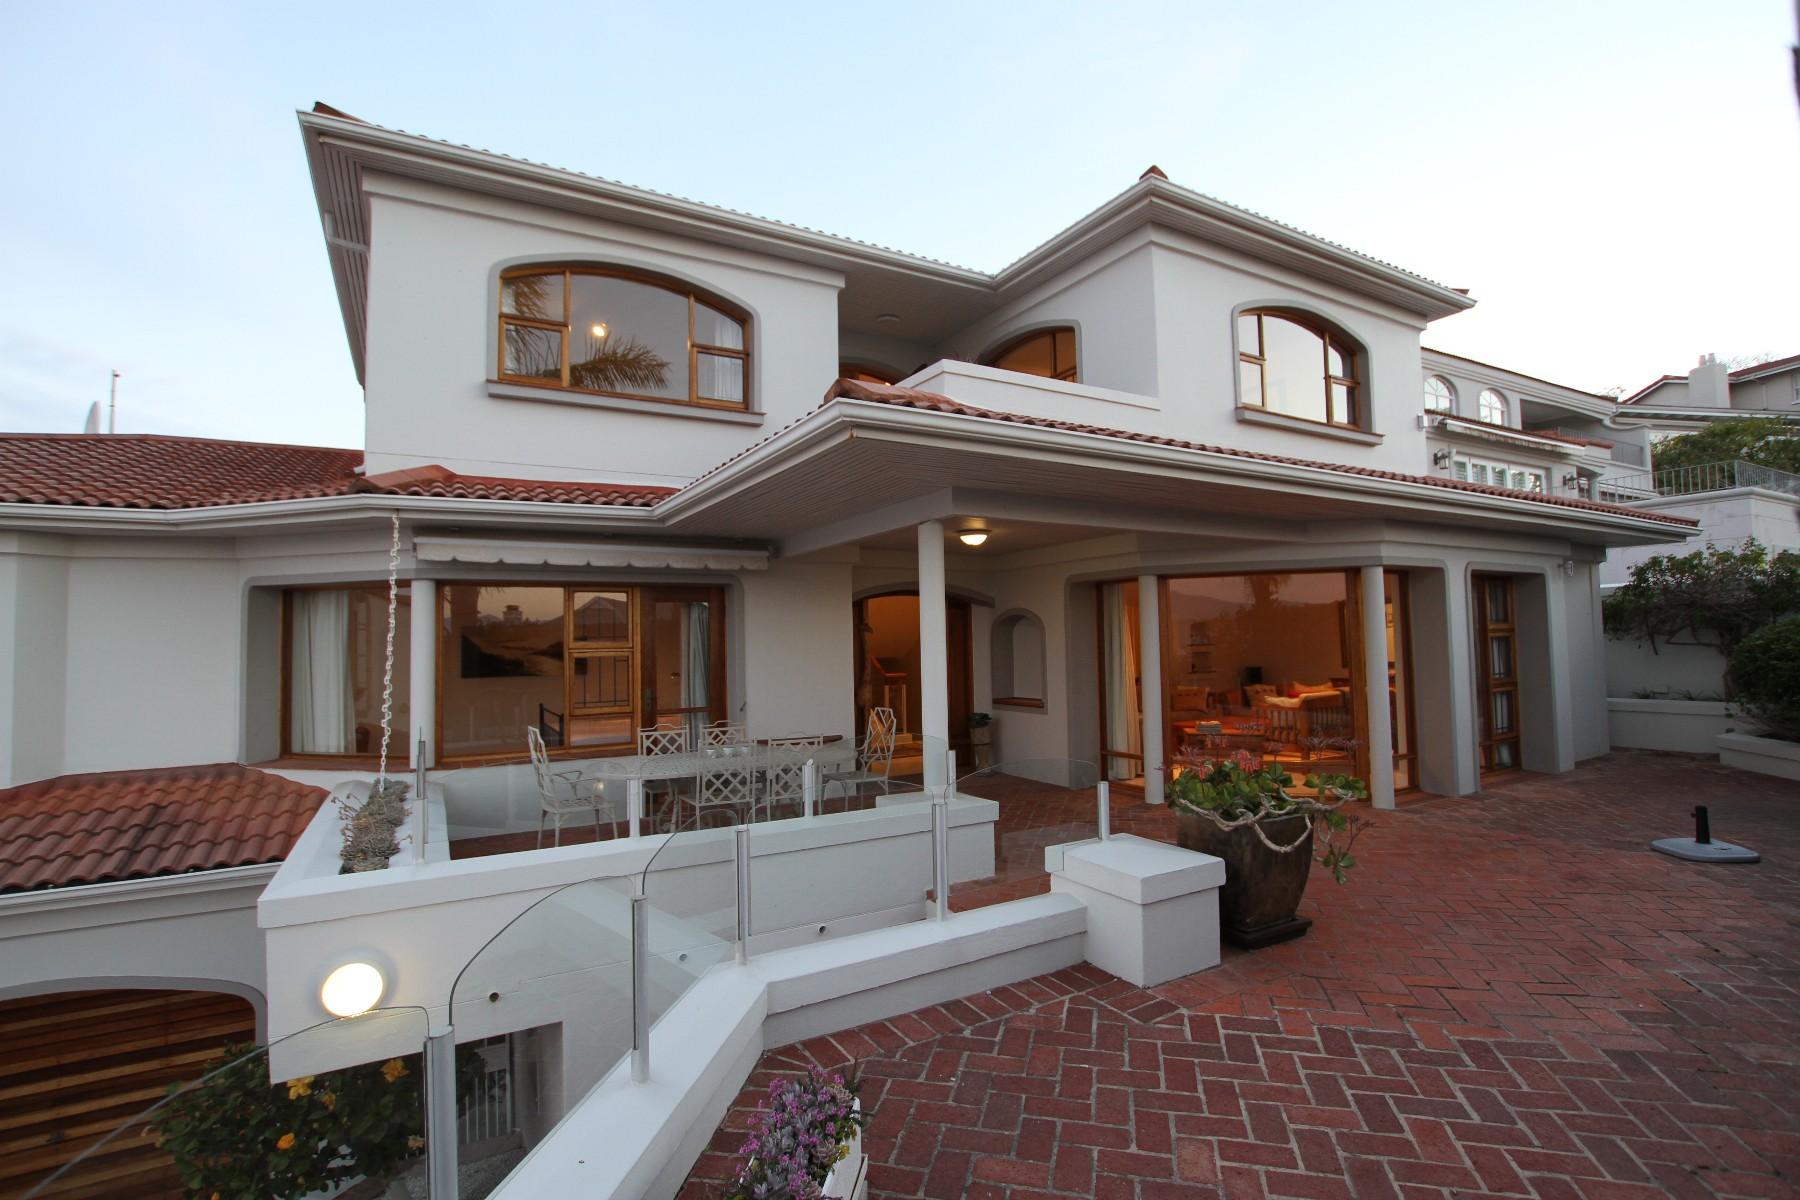 Moradia para Venda às Quality Family Home Plettenberg Bay, Western Cape, 6600 África Do Sul